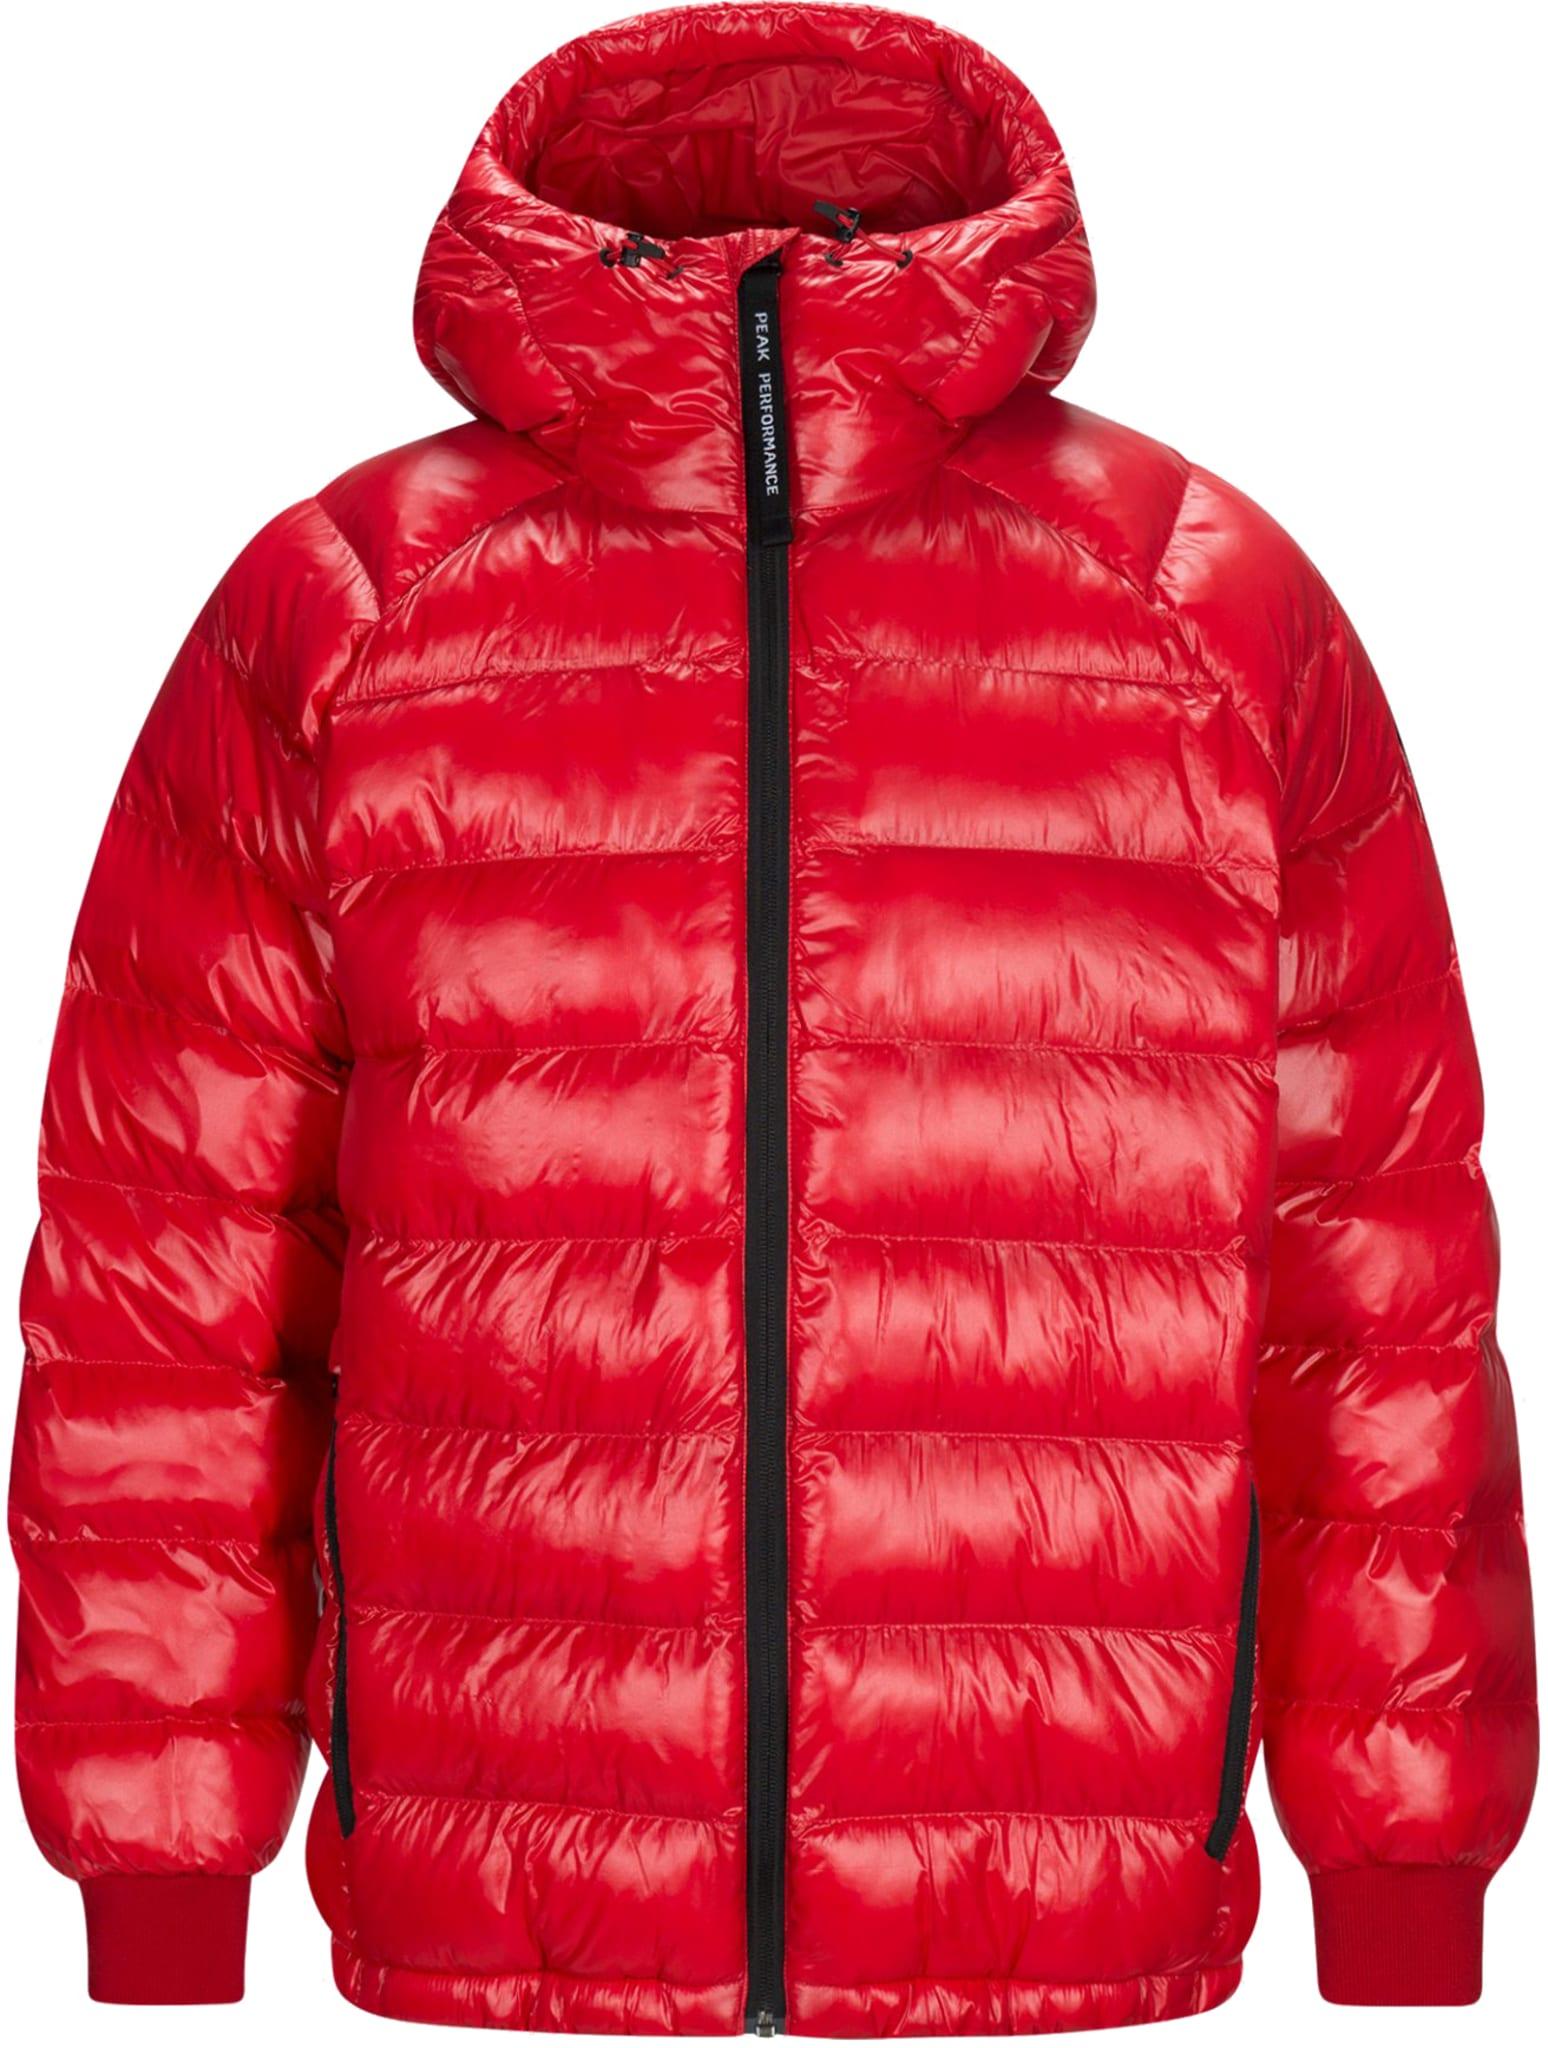 Tomic Jacket M